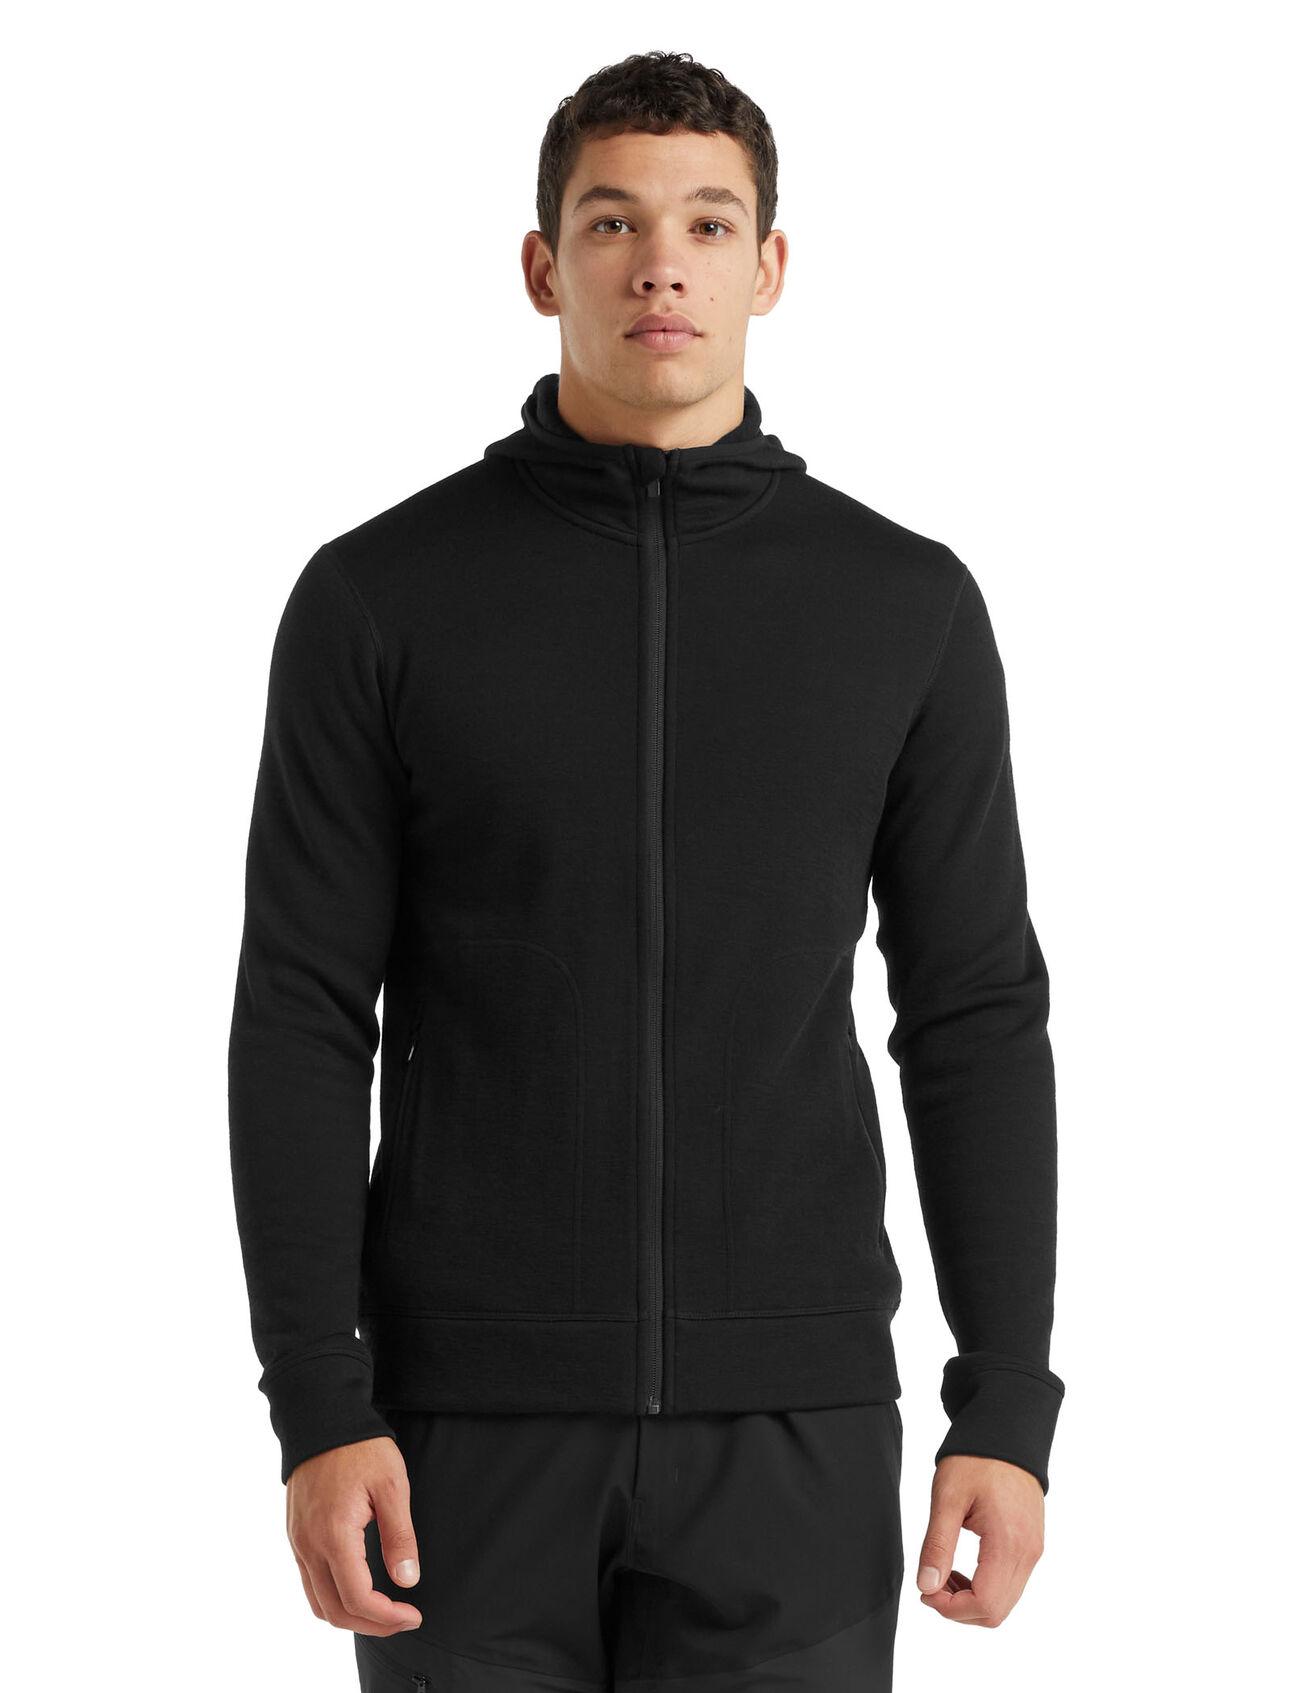 RealFleece® Merino Elemental Long Sleeve Zip Hood Jacket